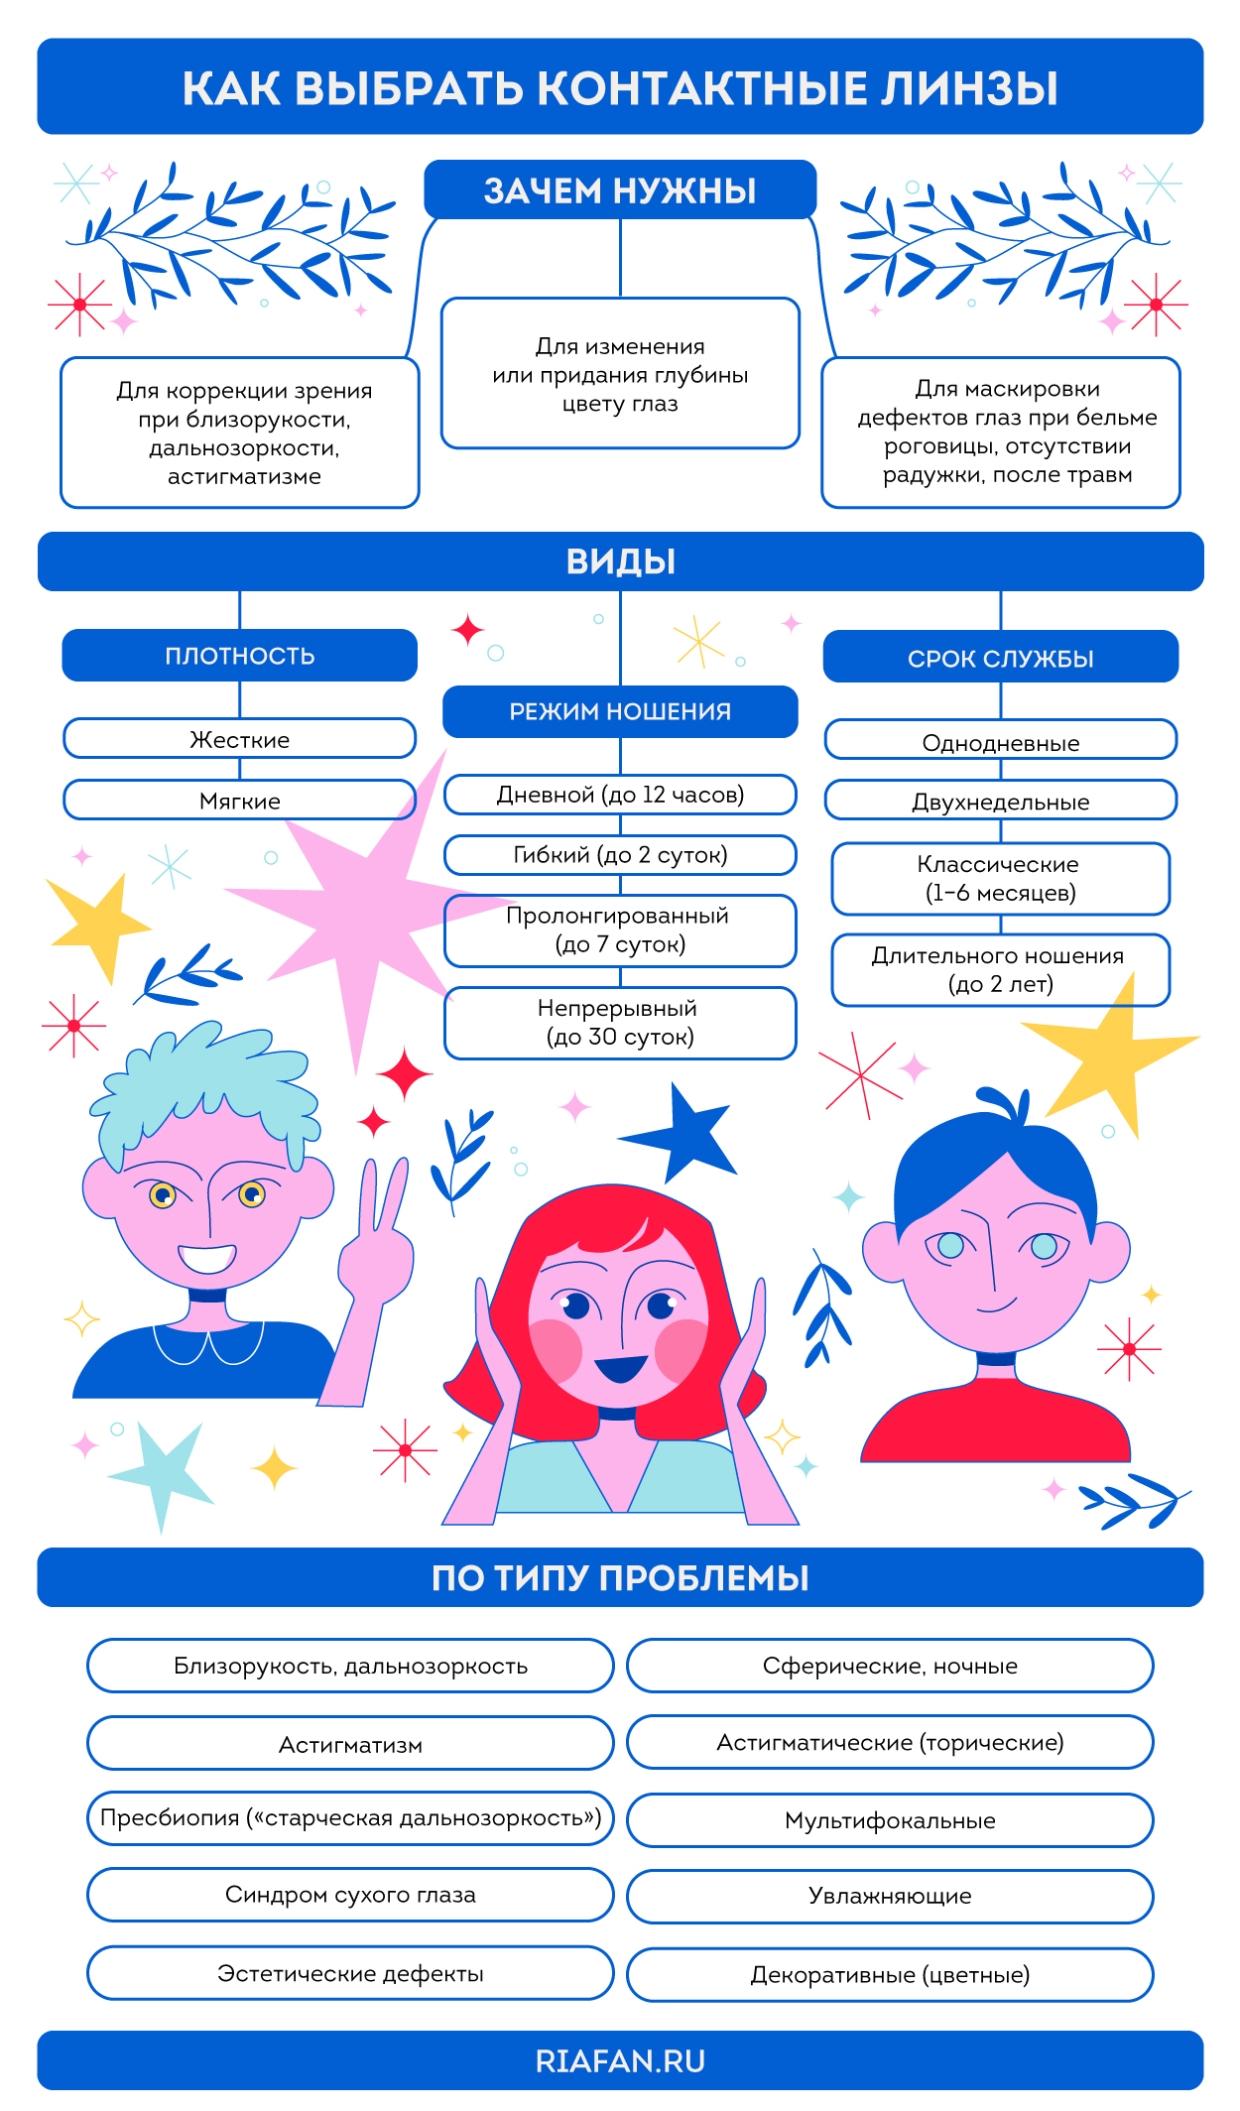 Как подобрать контактные линзы и не ошибиться: подробное руководство от врача-офтальмолога Общество